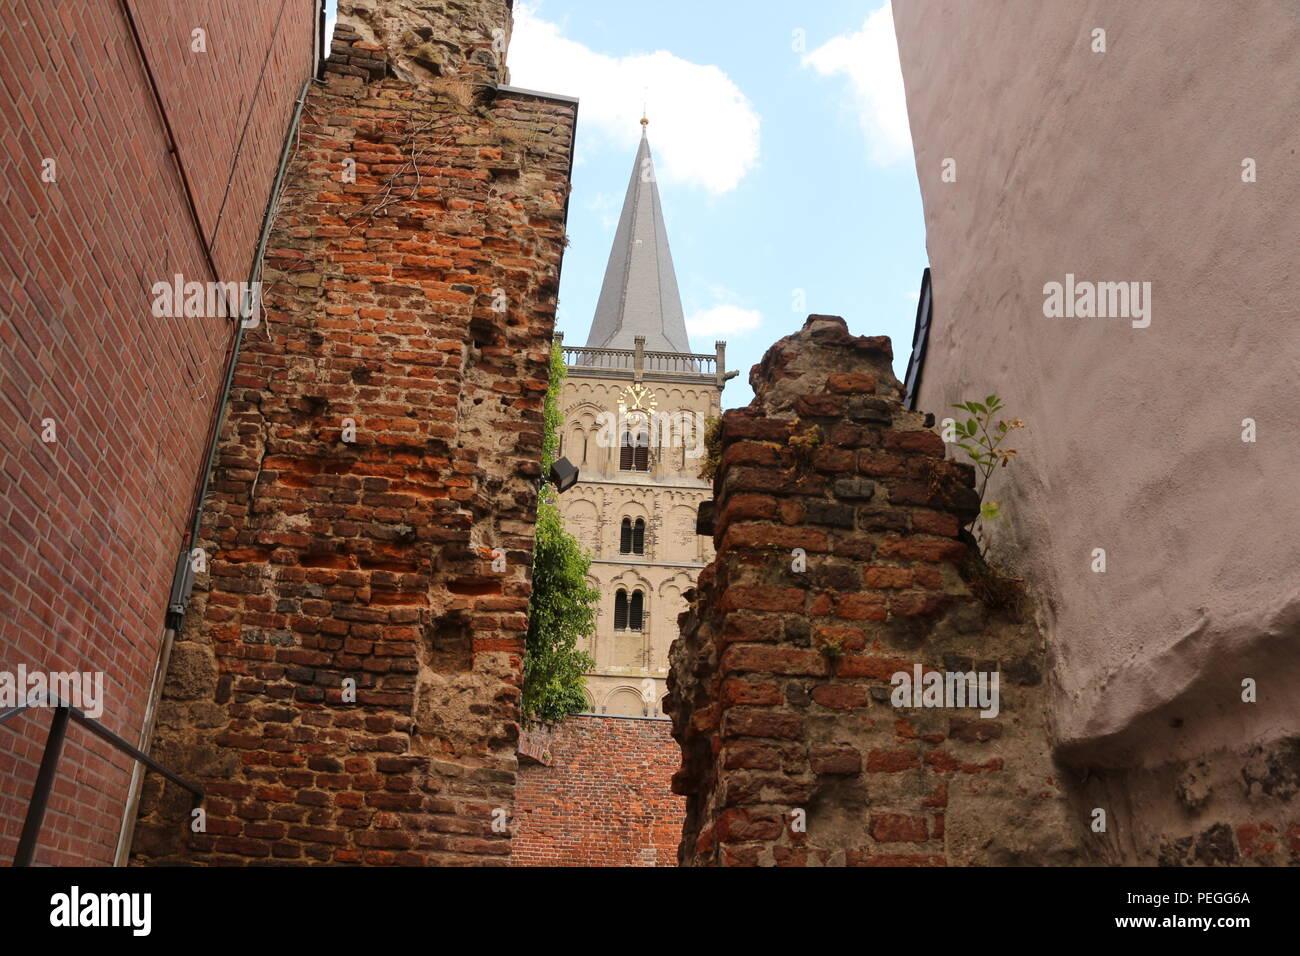 Blick auf einen der Kirchtürme des Xantener Doms - Stock Image